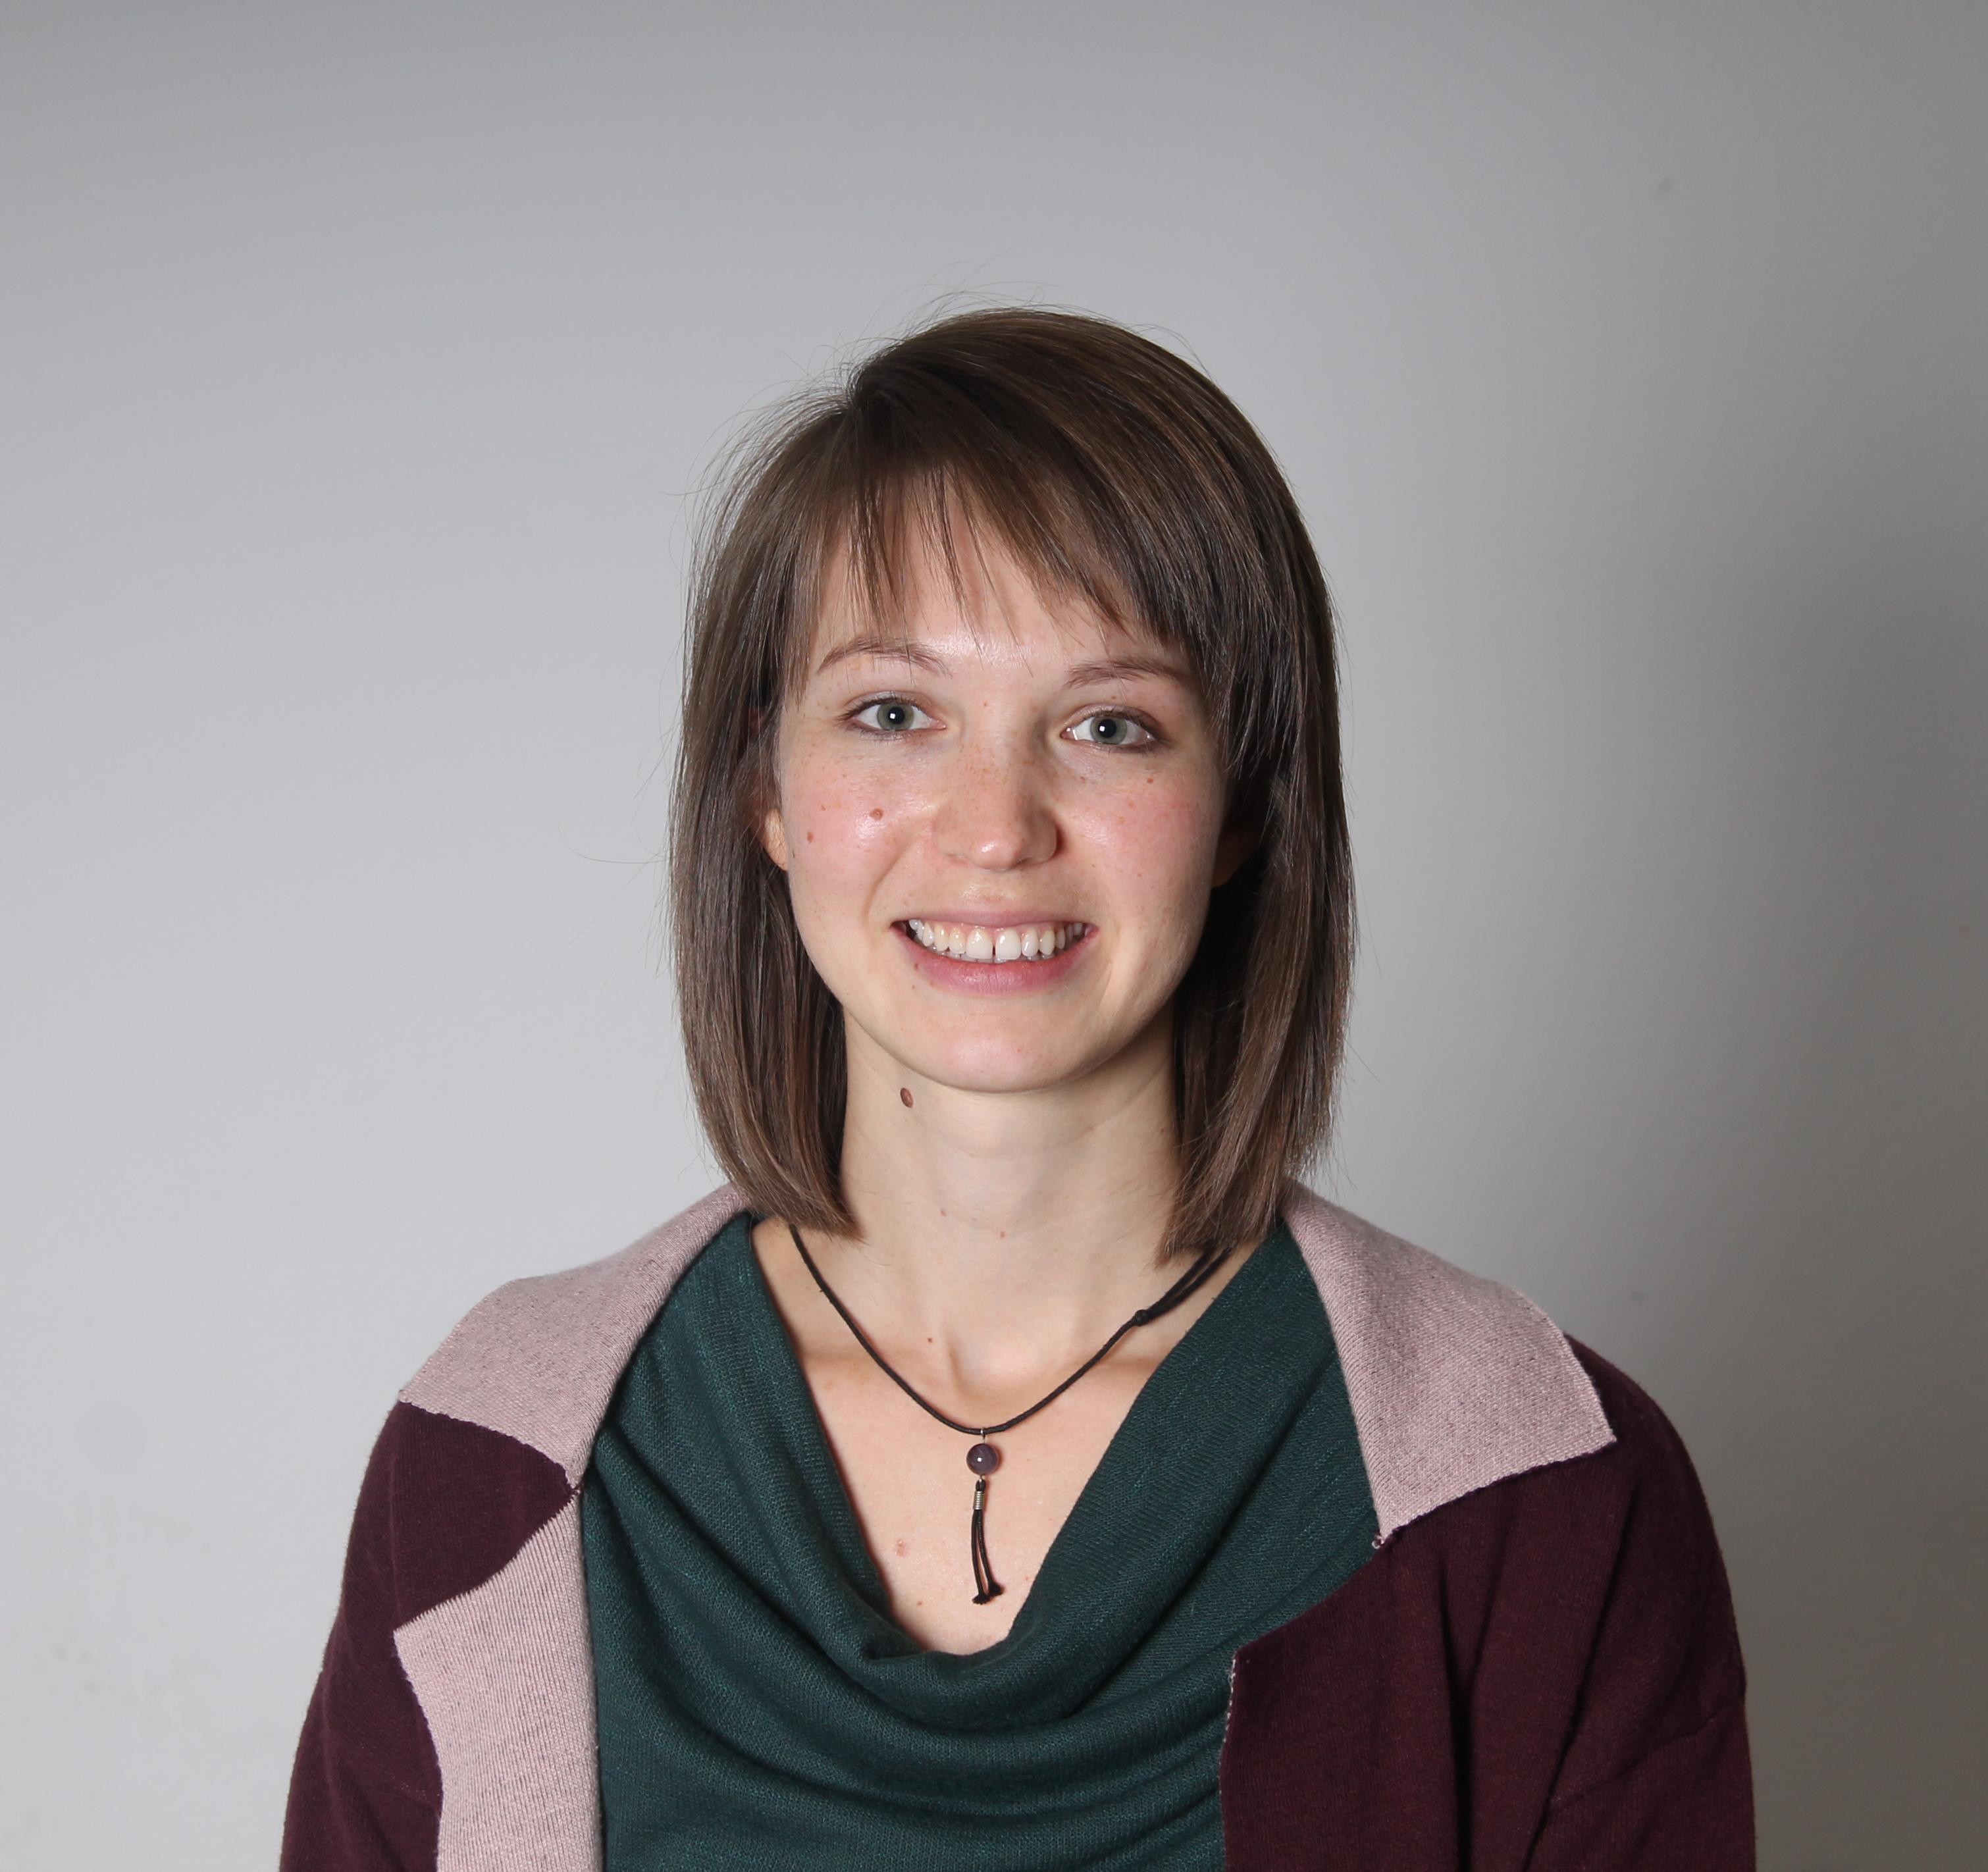 Veronika Lippl